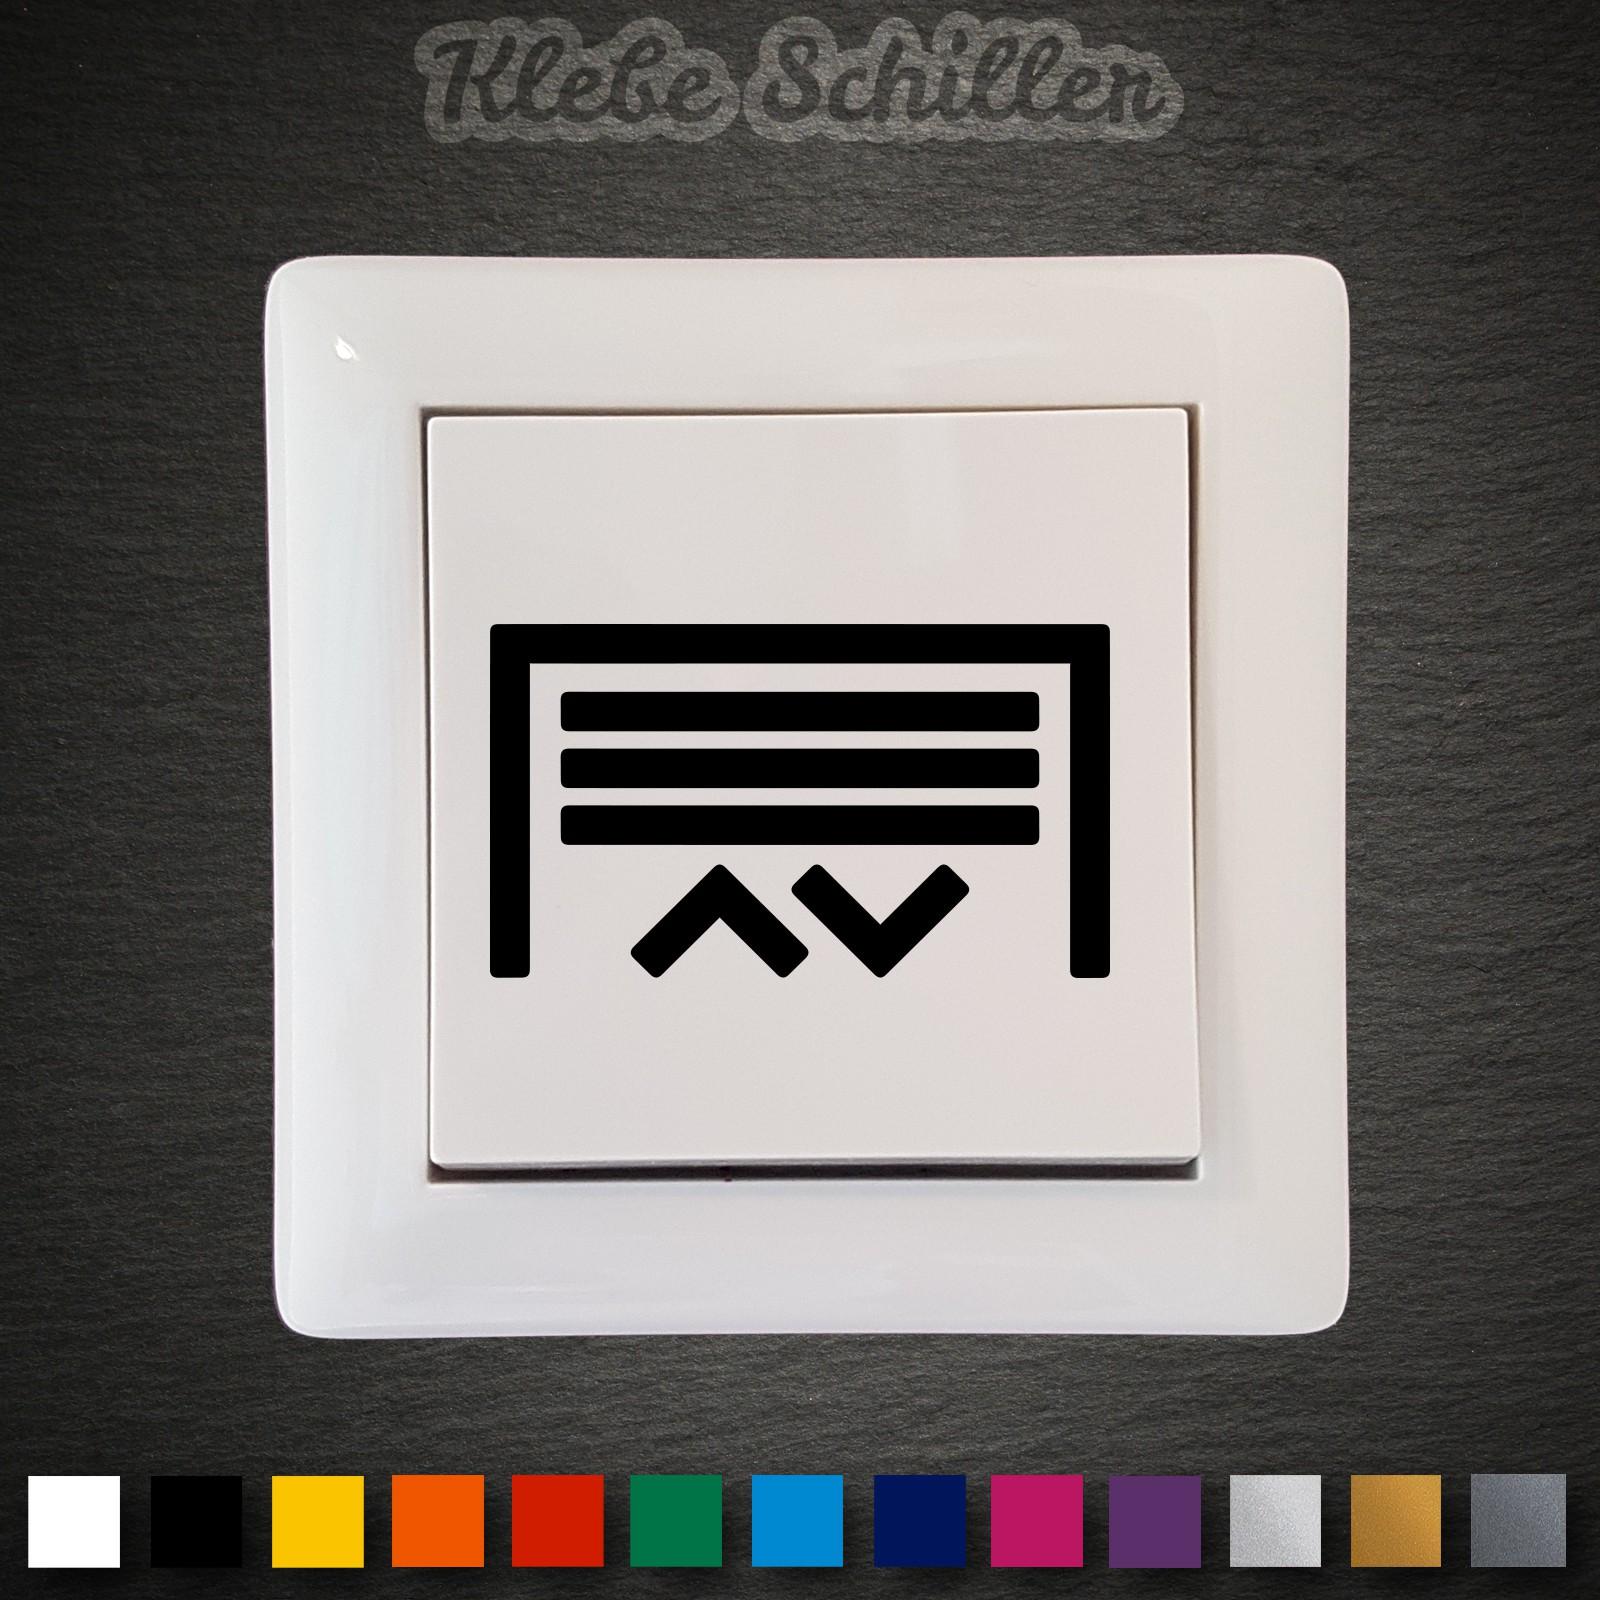 Garagentor design aufkleber  14418 Garagentor Aufkleber 45x26mm Schalter Taster Symbole Tor ...